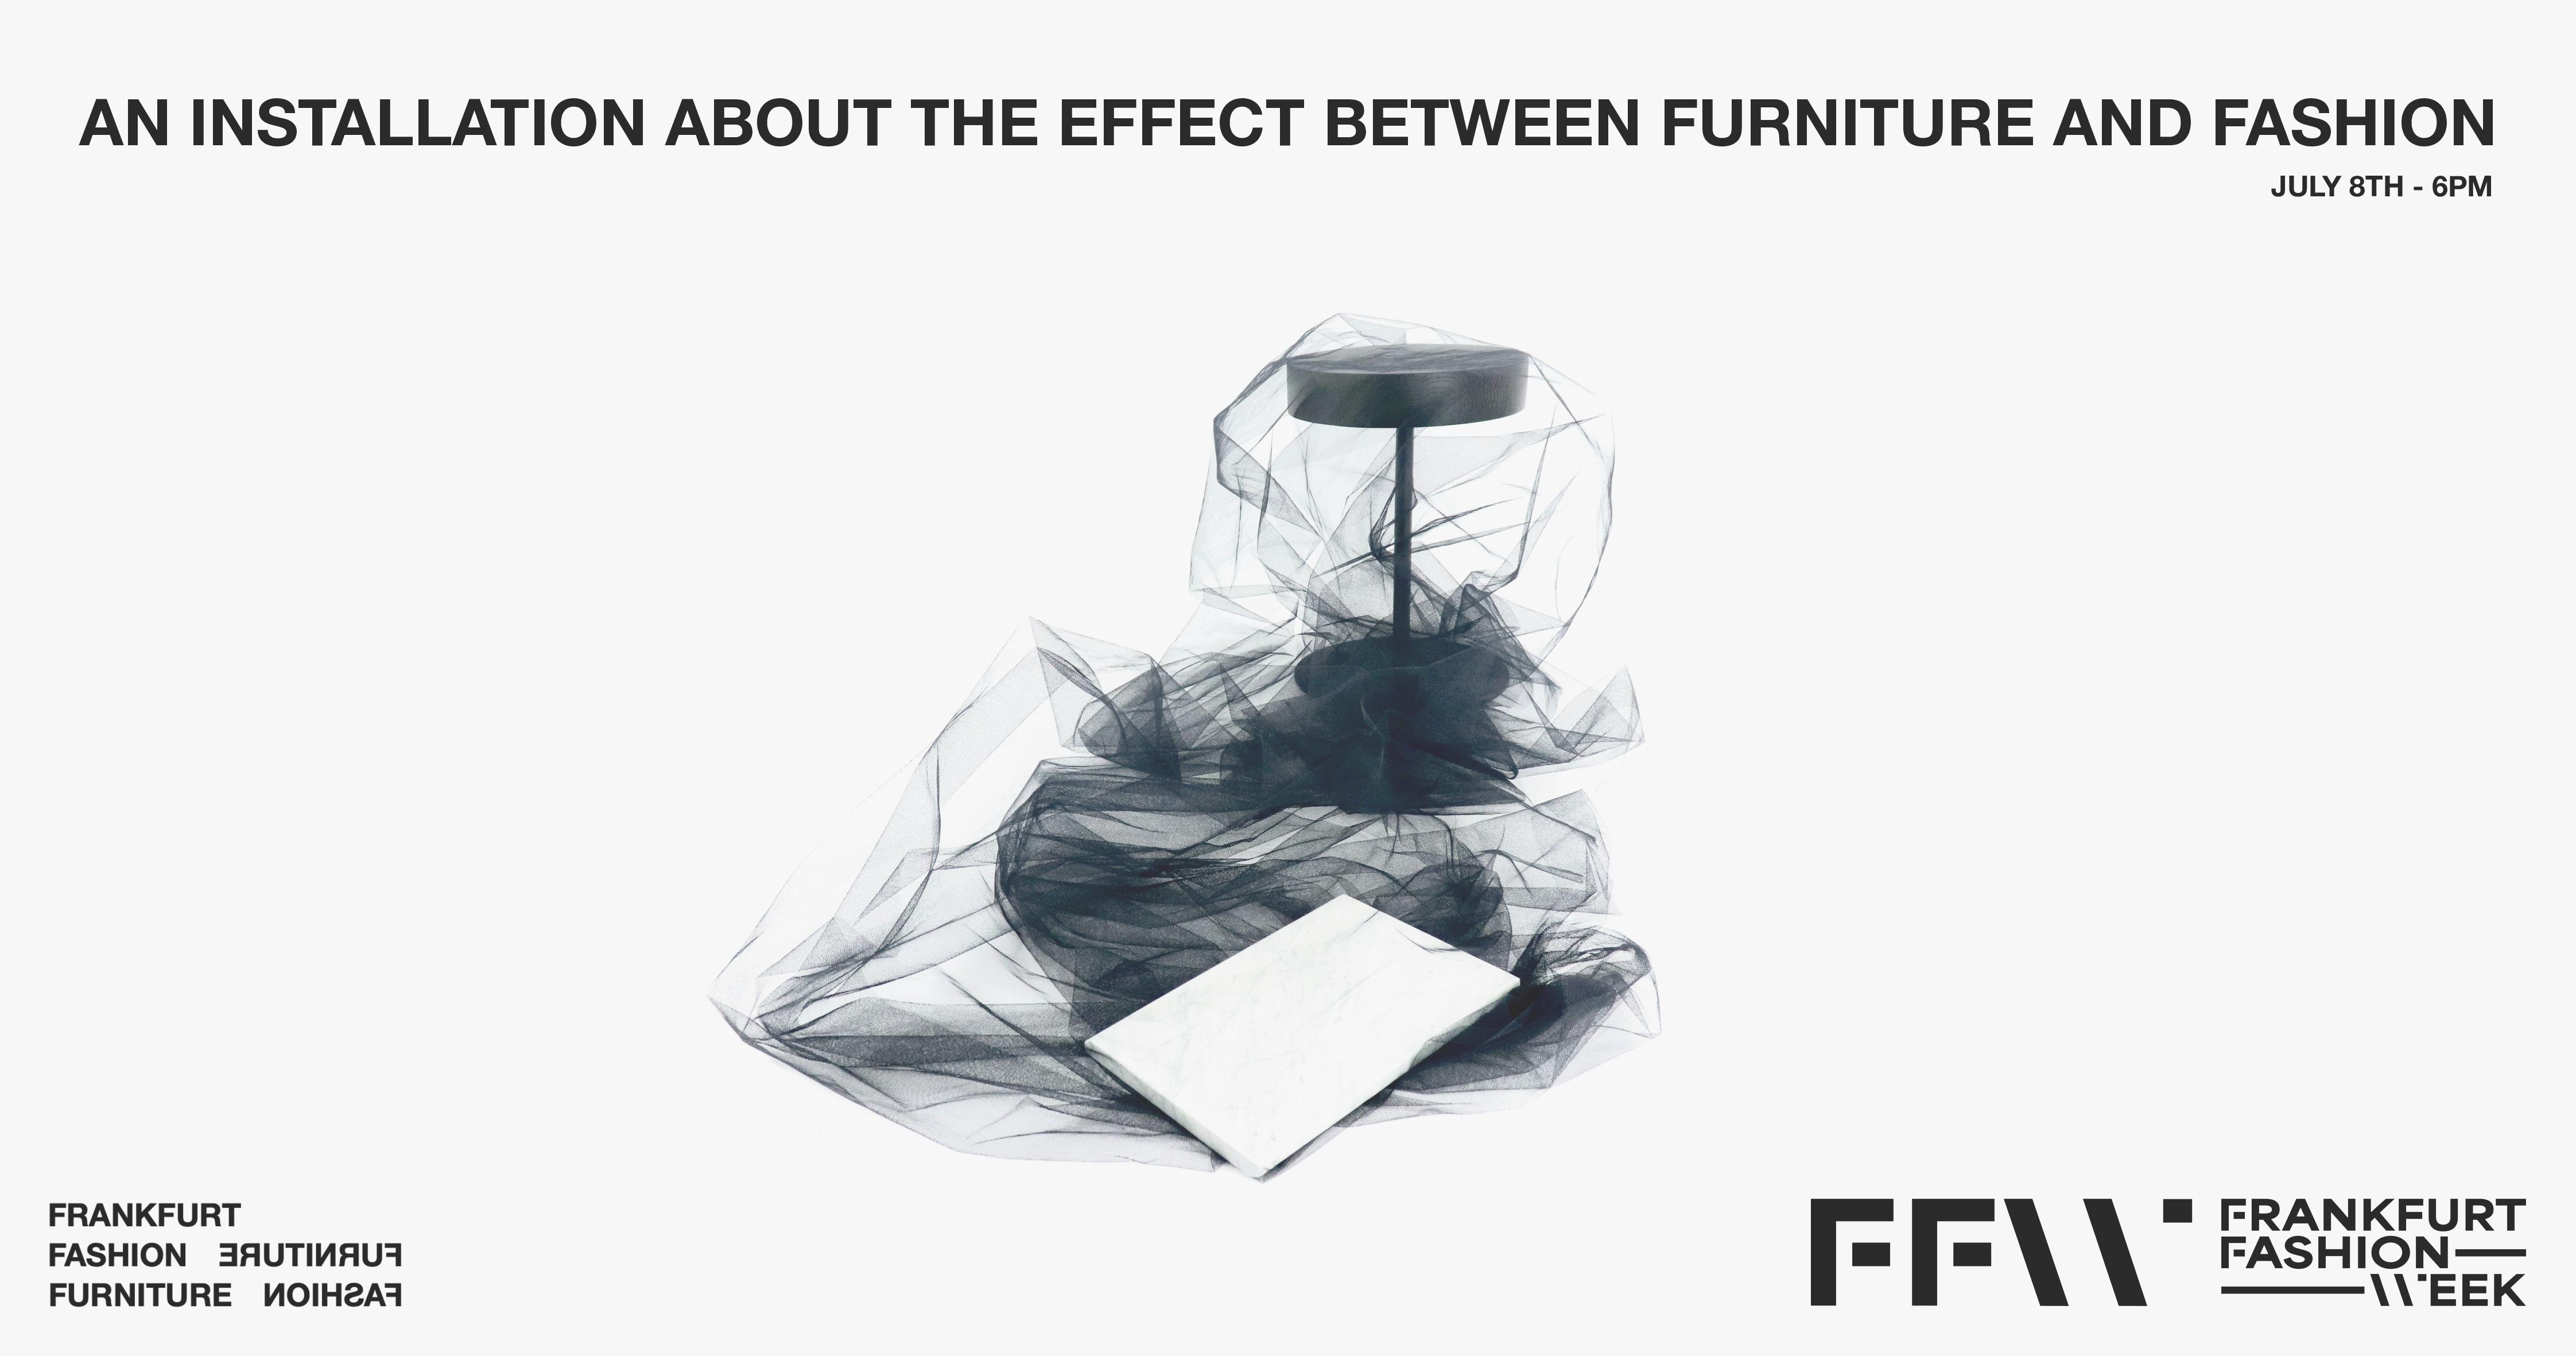 FFM-FASHION